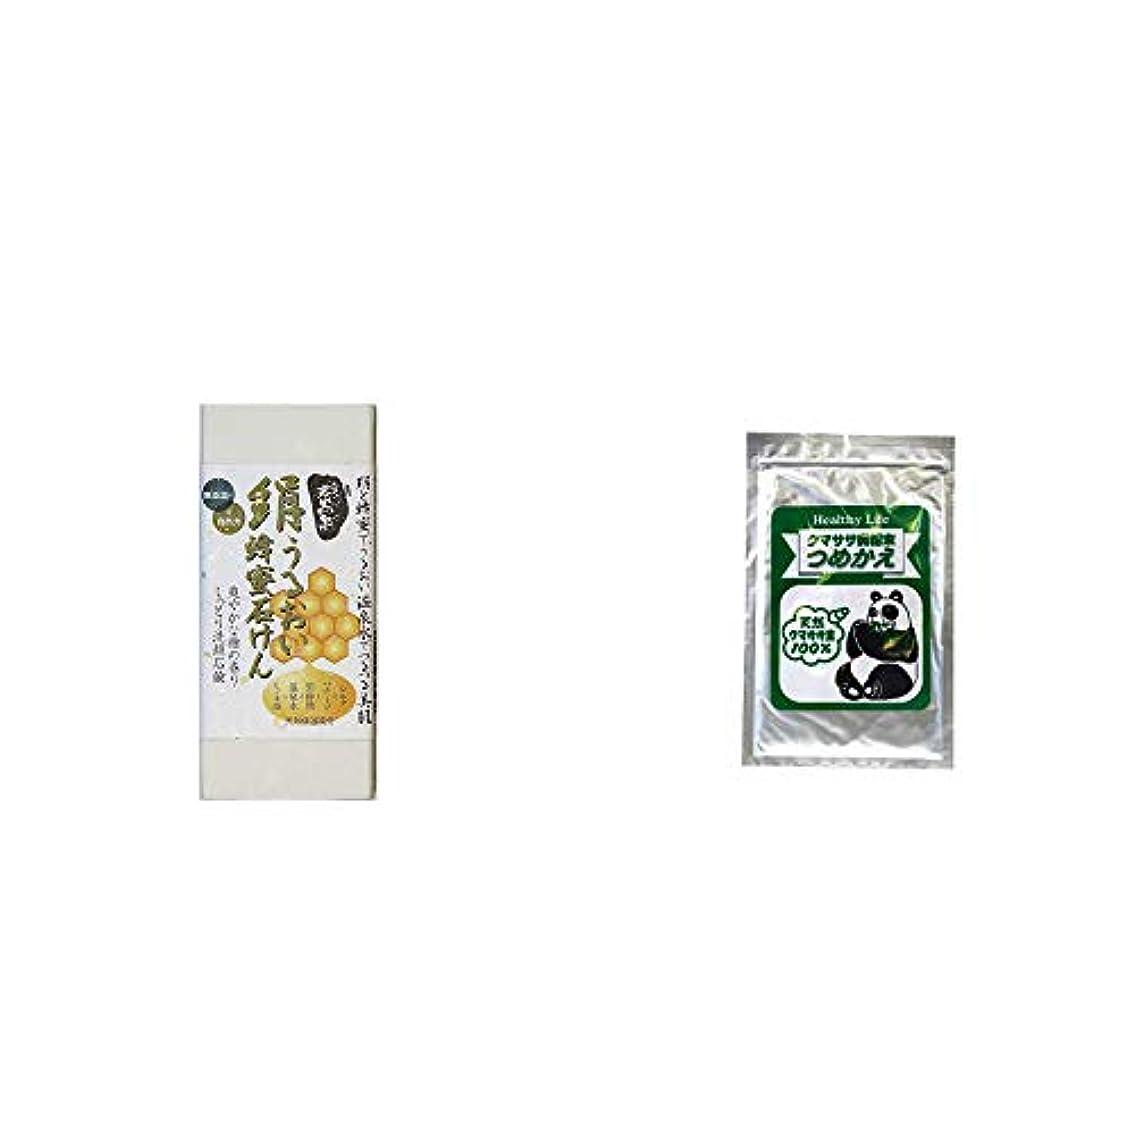 アクチュエータ感じる常習的[2点セット] ひのき炭黒泉 絹うるおい蜂蜜石けん(75g×2)?木曽産 熊笹100% クマササ微粉末 詰め替え用 (60g)